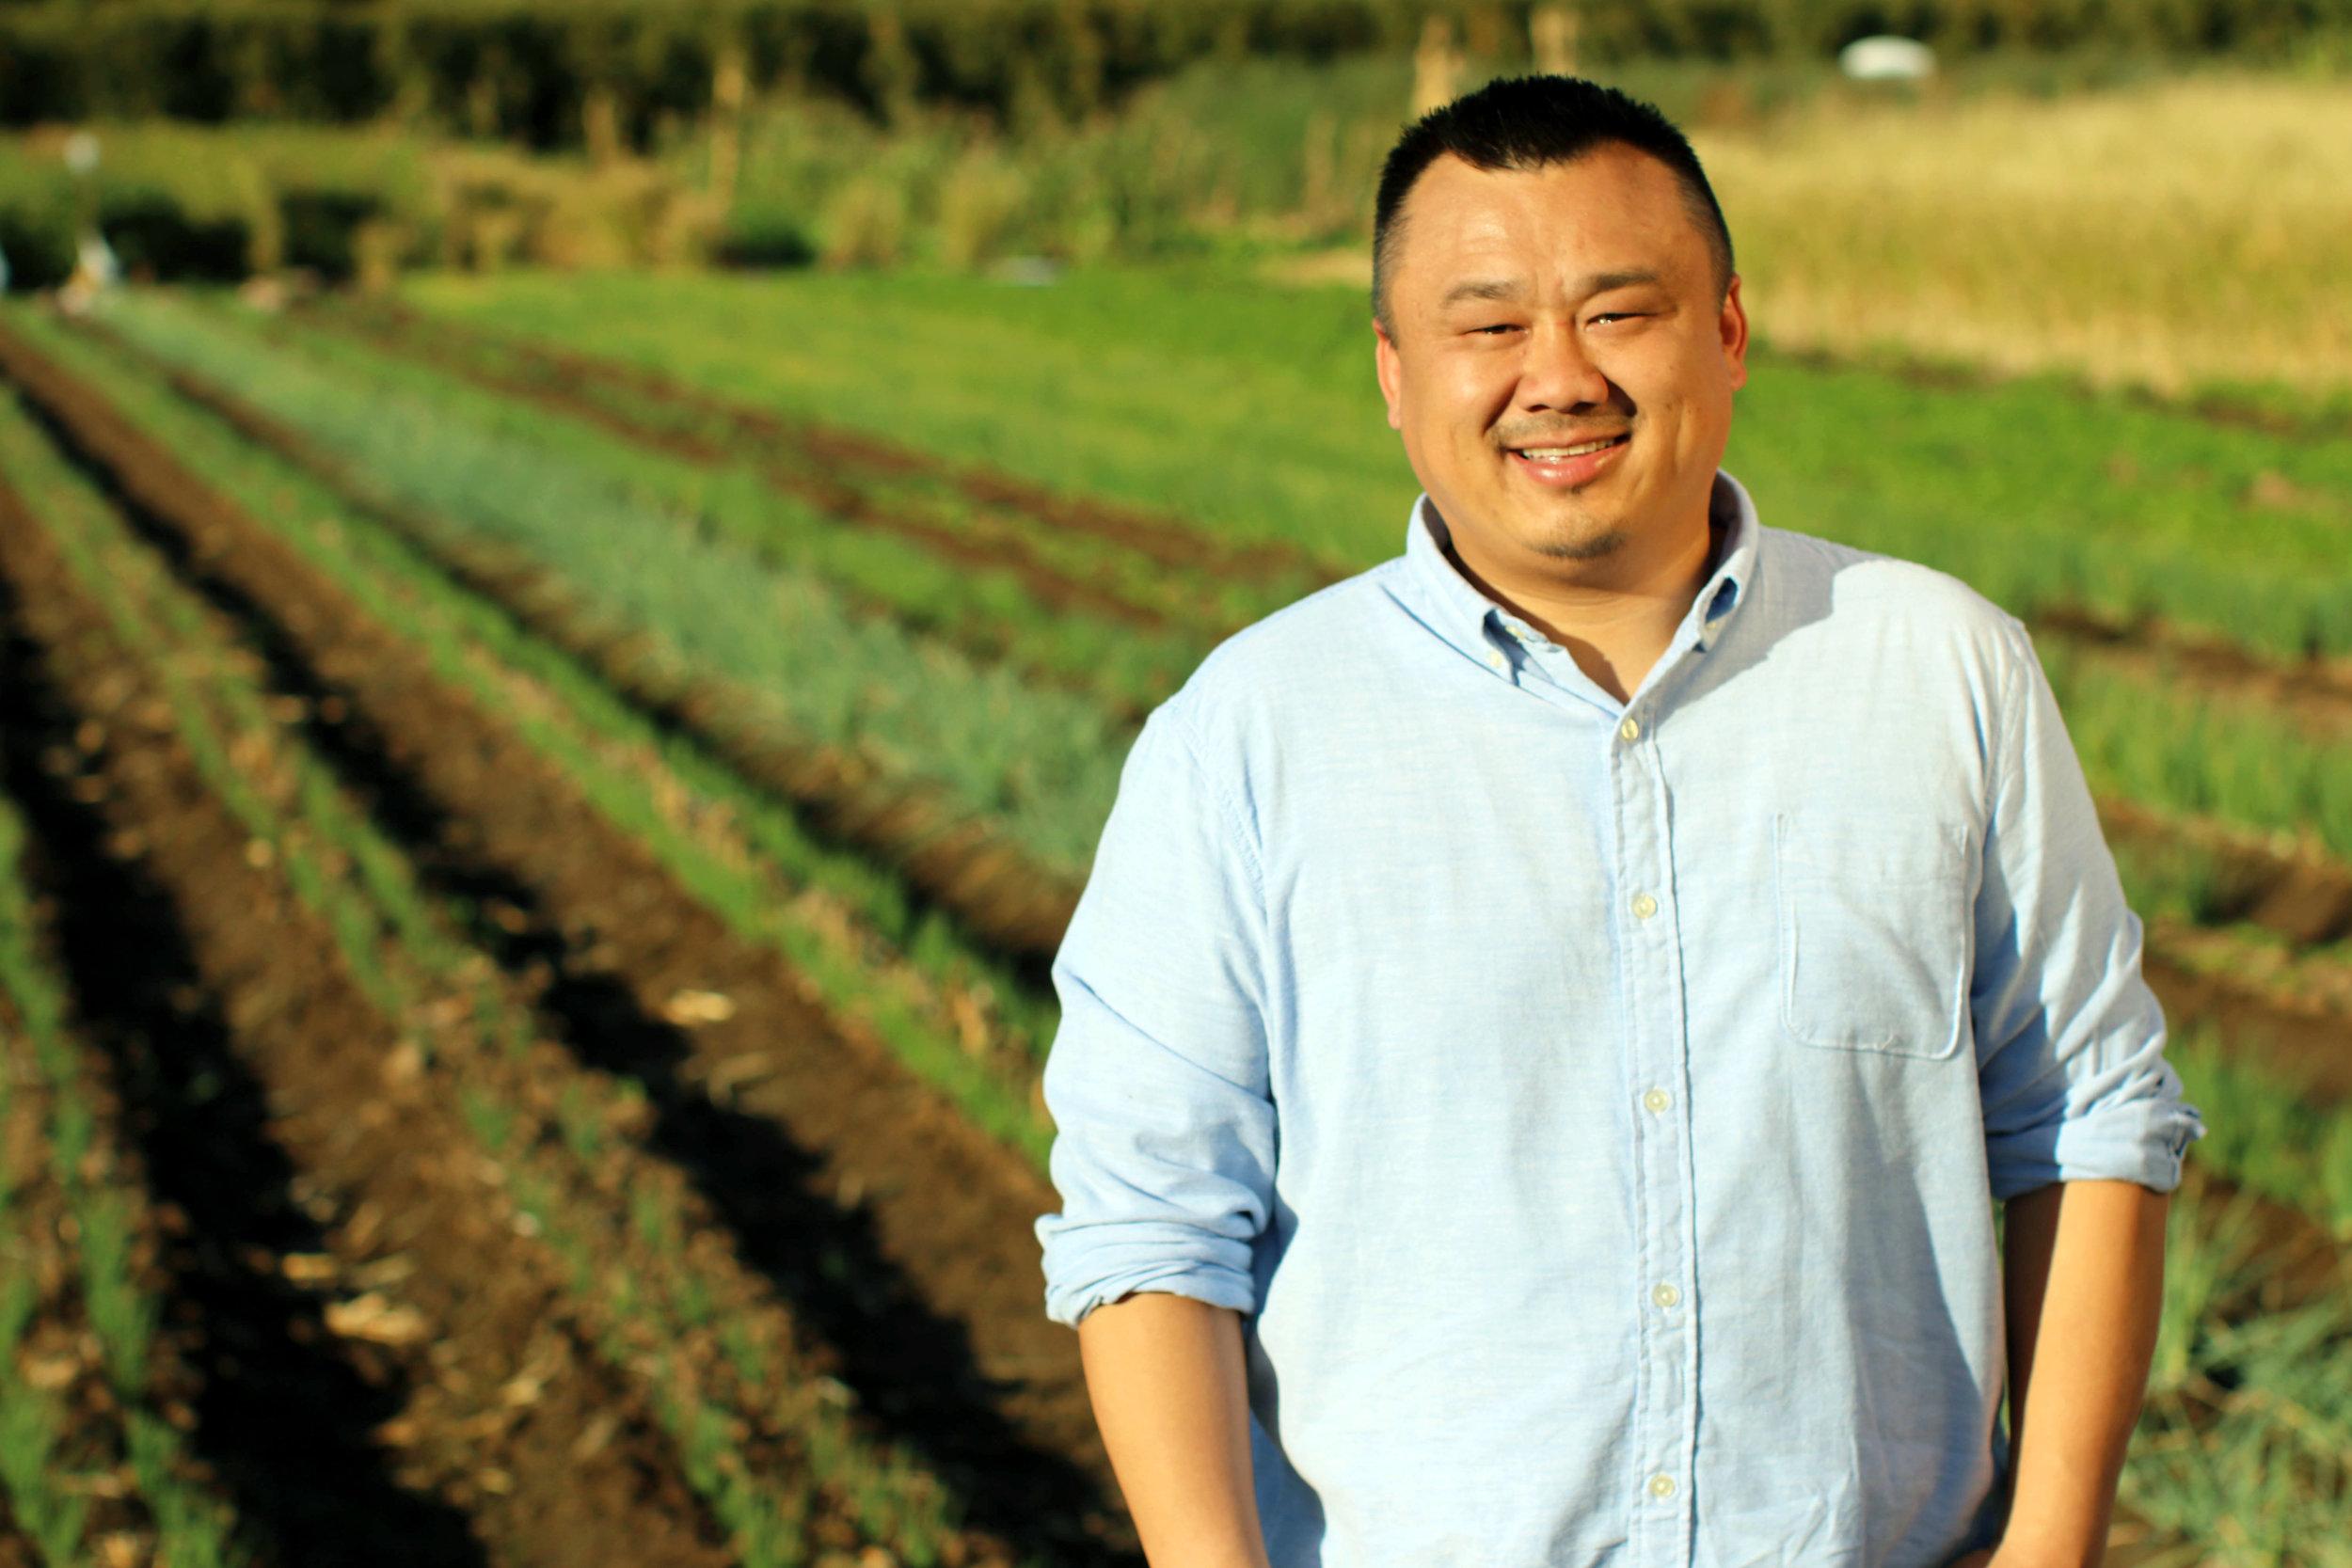 Bobby.farmer.hero.jpg